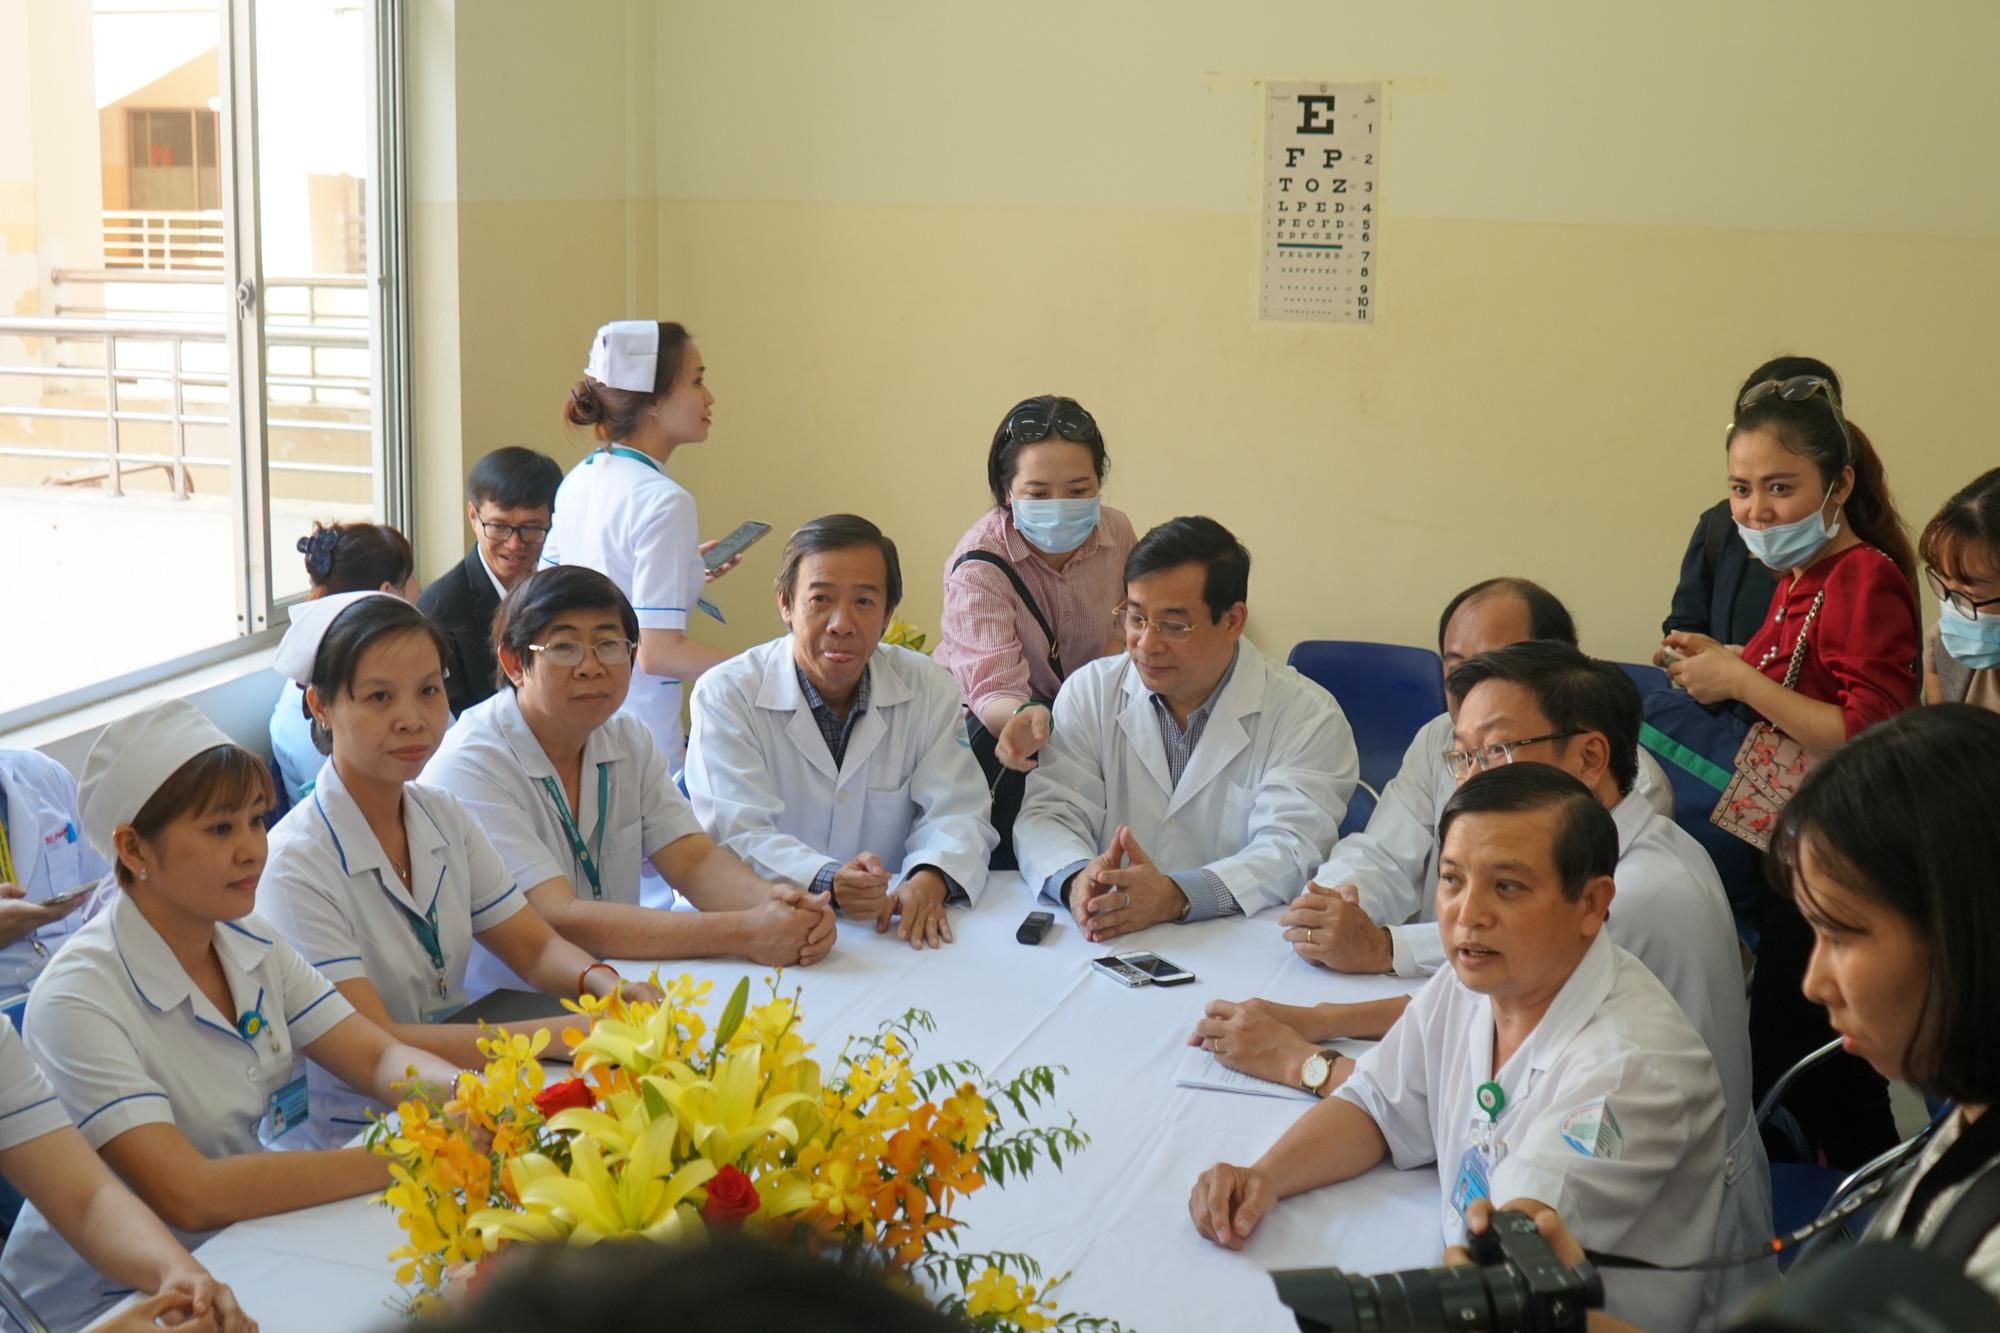 Bệnh nhân thứ 3 nhiễm corona ở Sài Gòn được chữa khỏi: Tôi từ chỗ chết trở về - Ảnh 1.